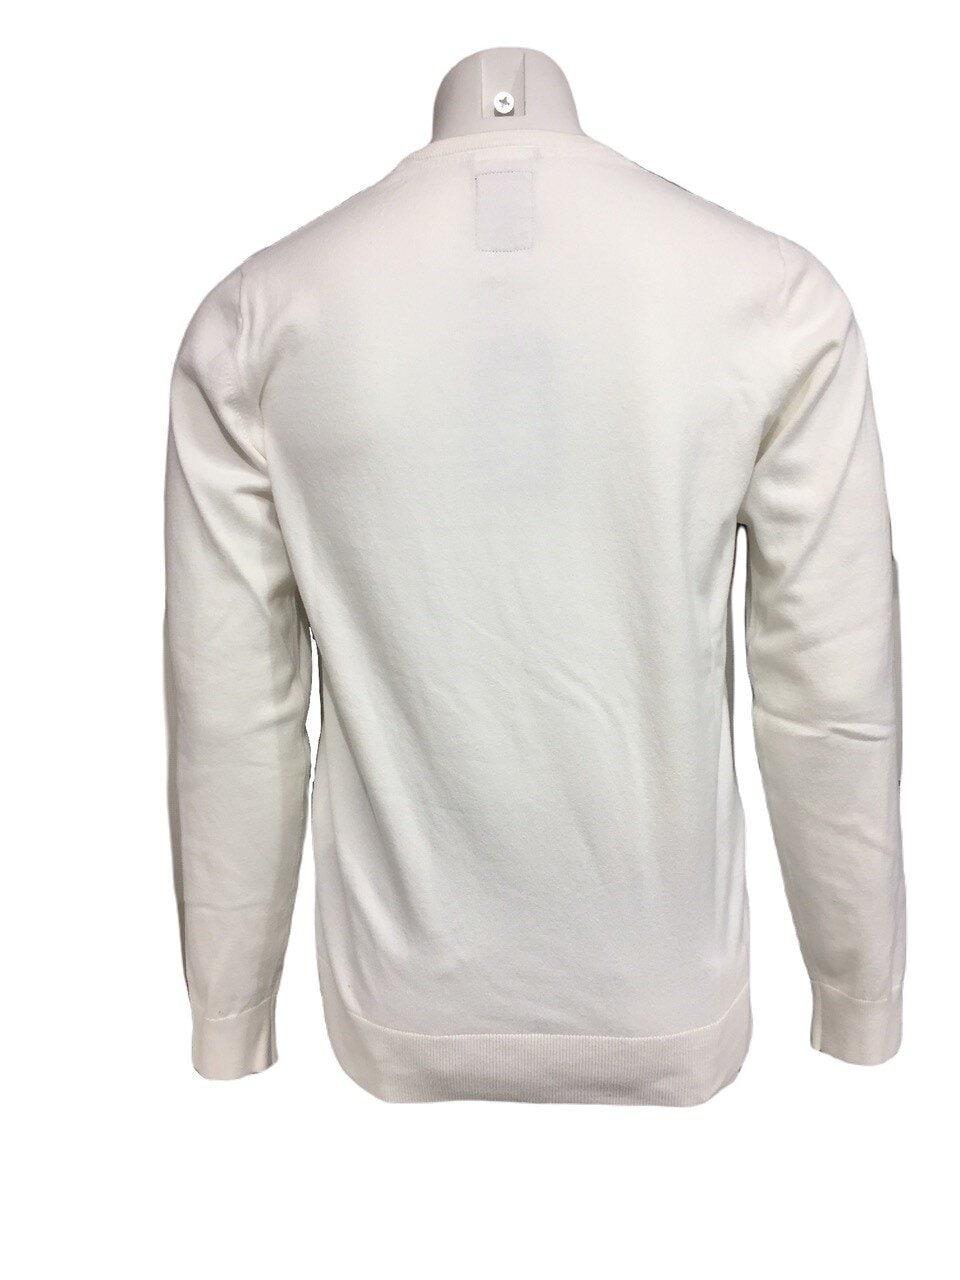 Bomullströja o-neck - Off White